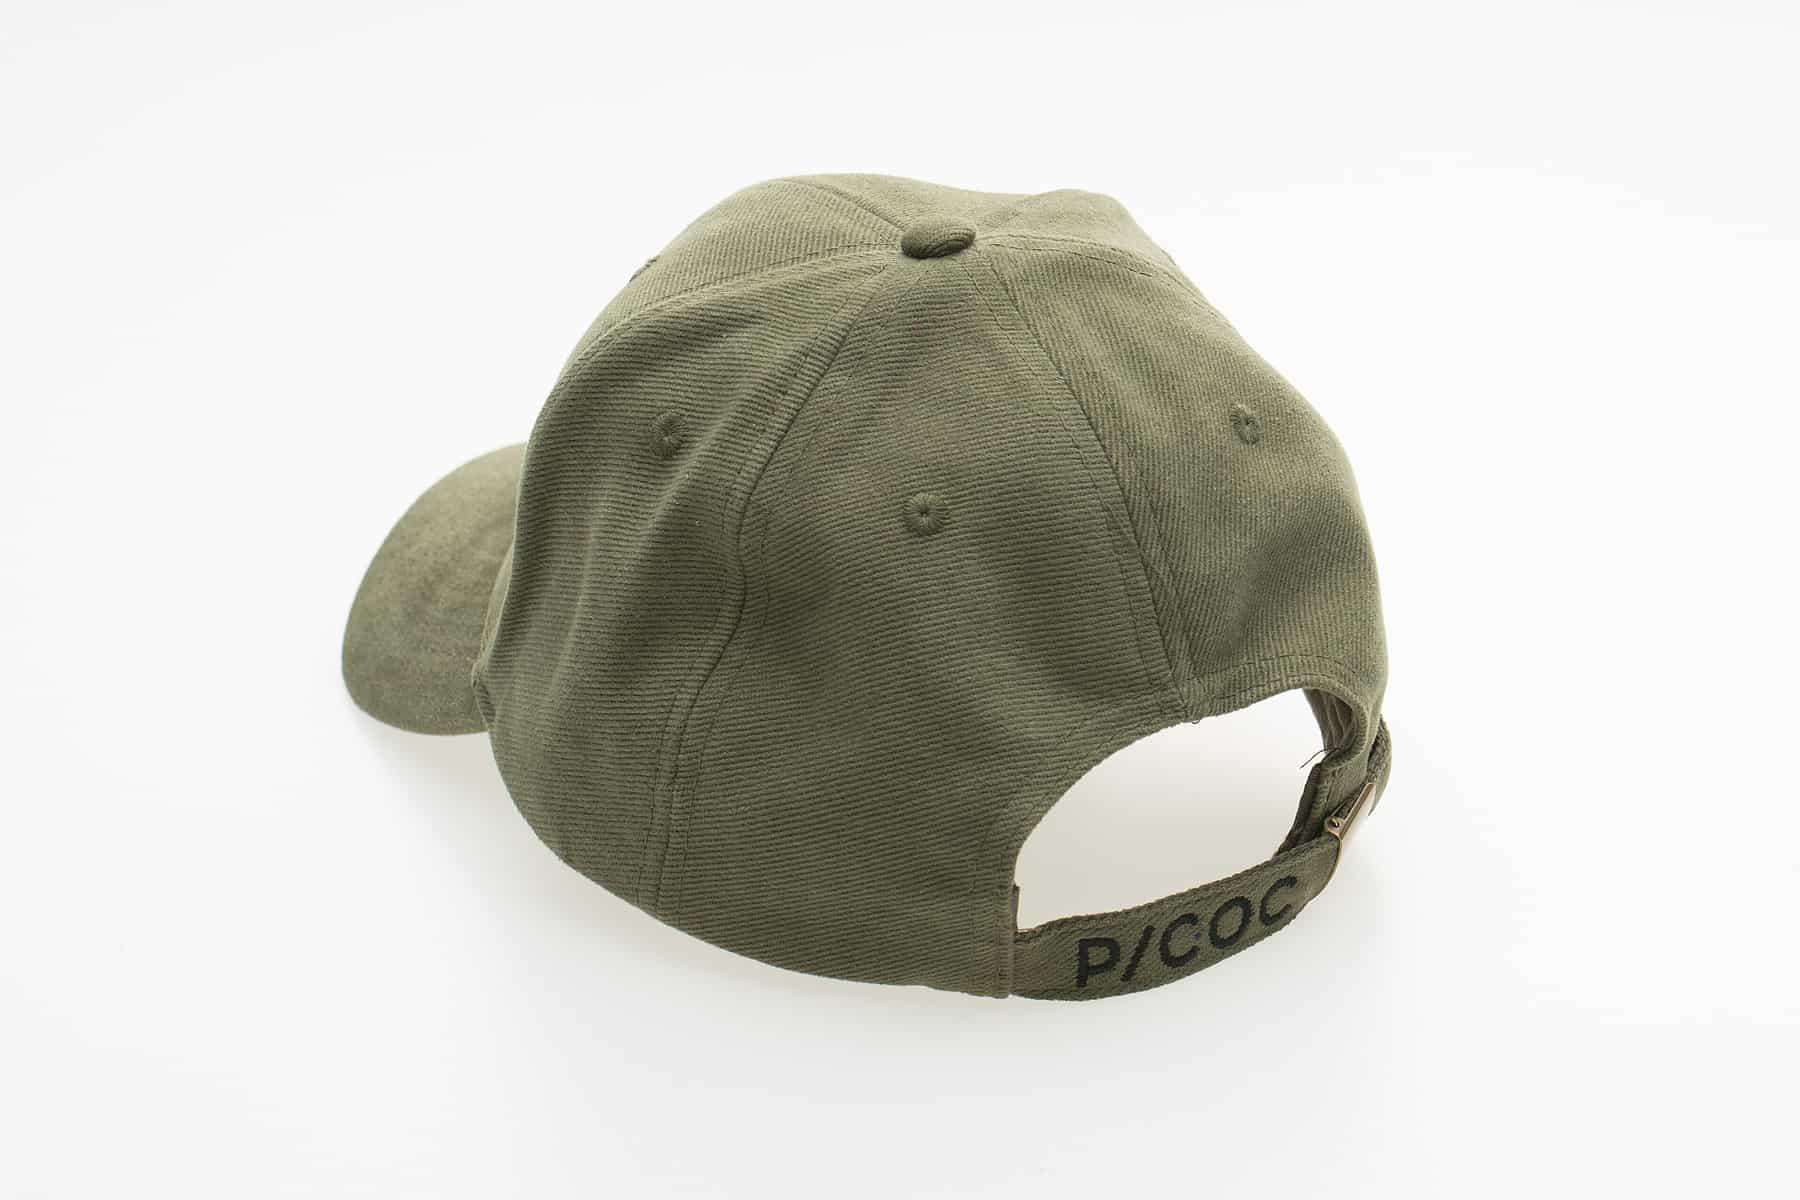 P/COC Original Hat